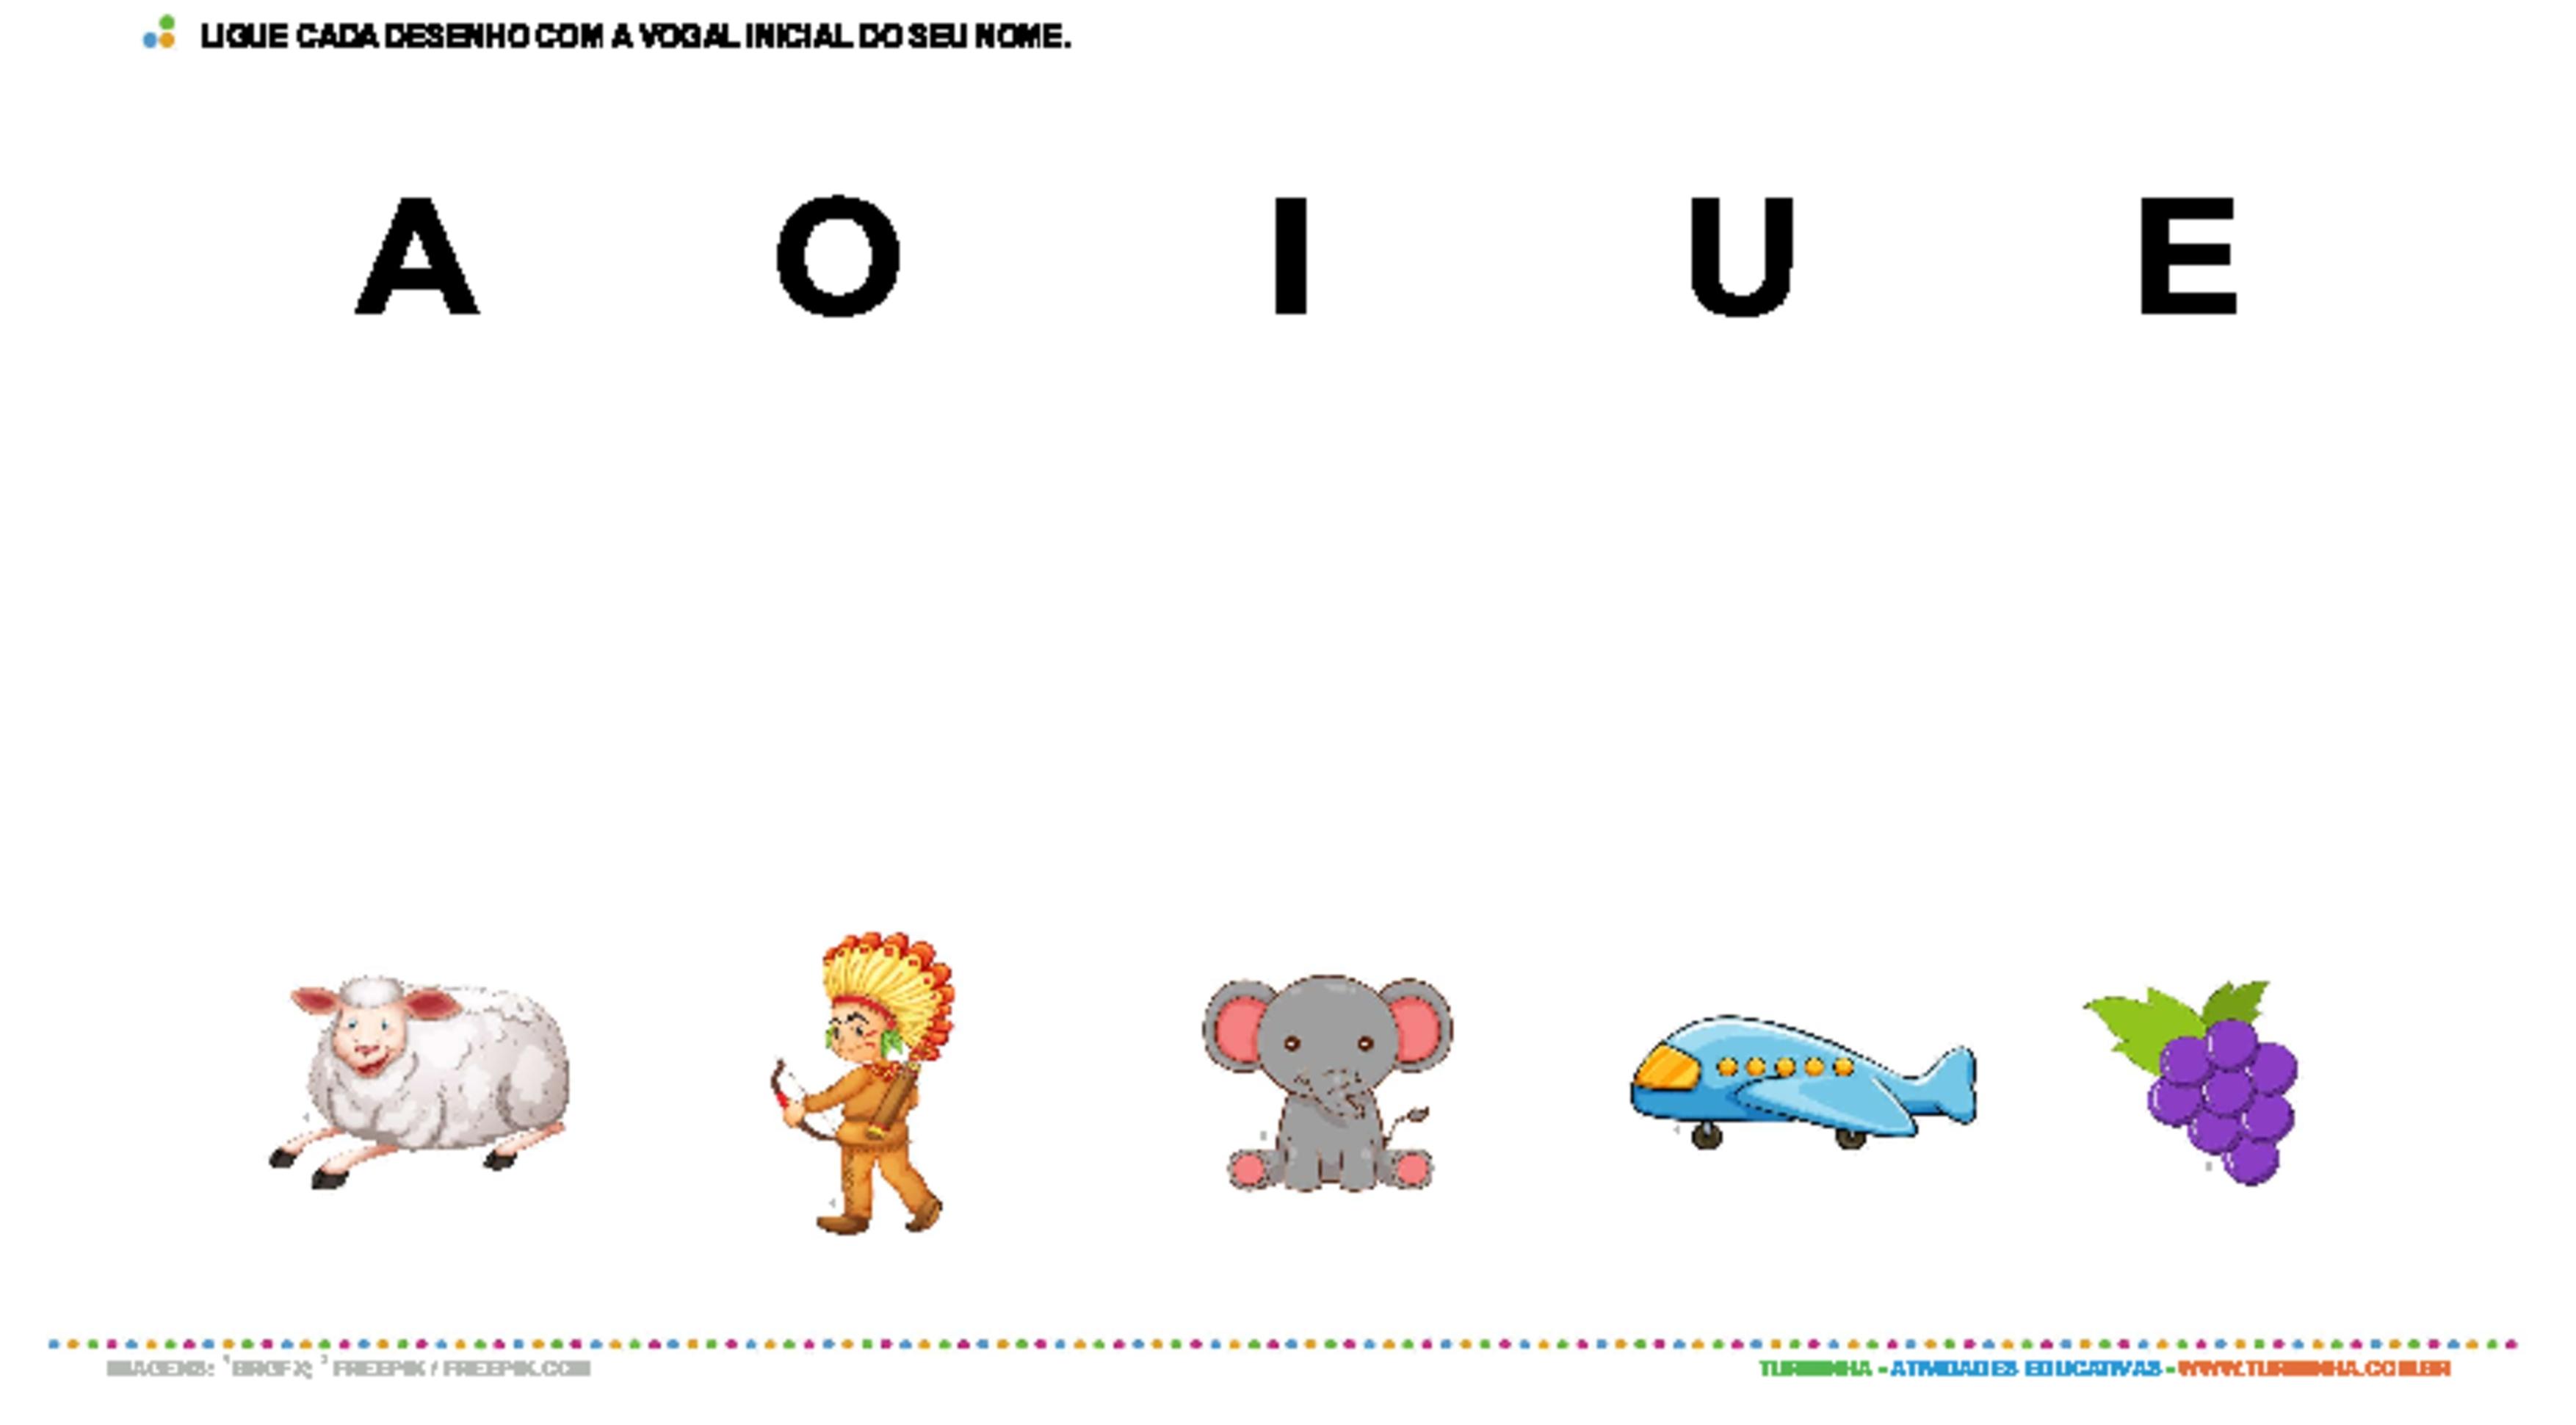 Vogais - atividade educativa para Pré-Escola (4 e 5 anos)